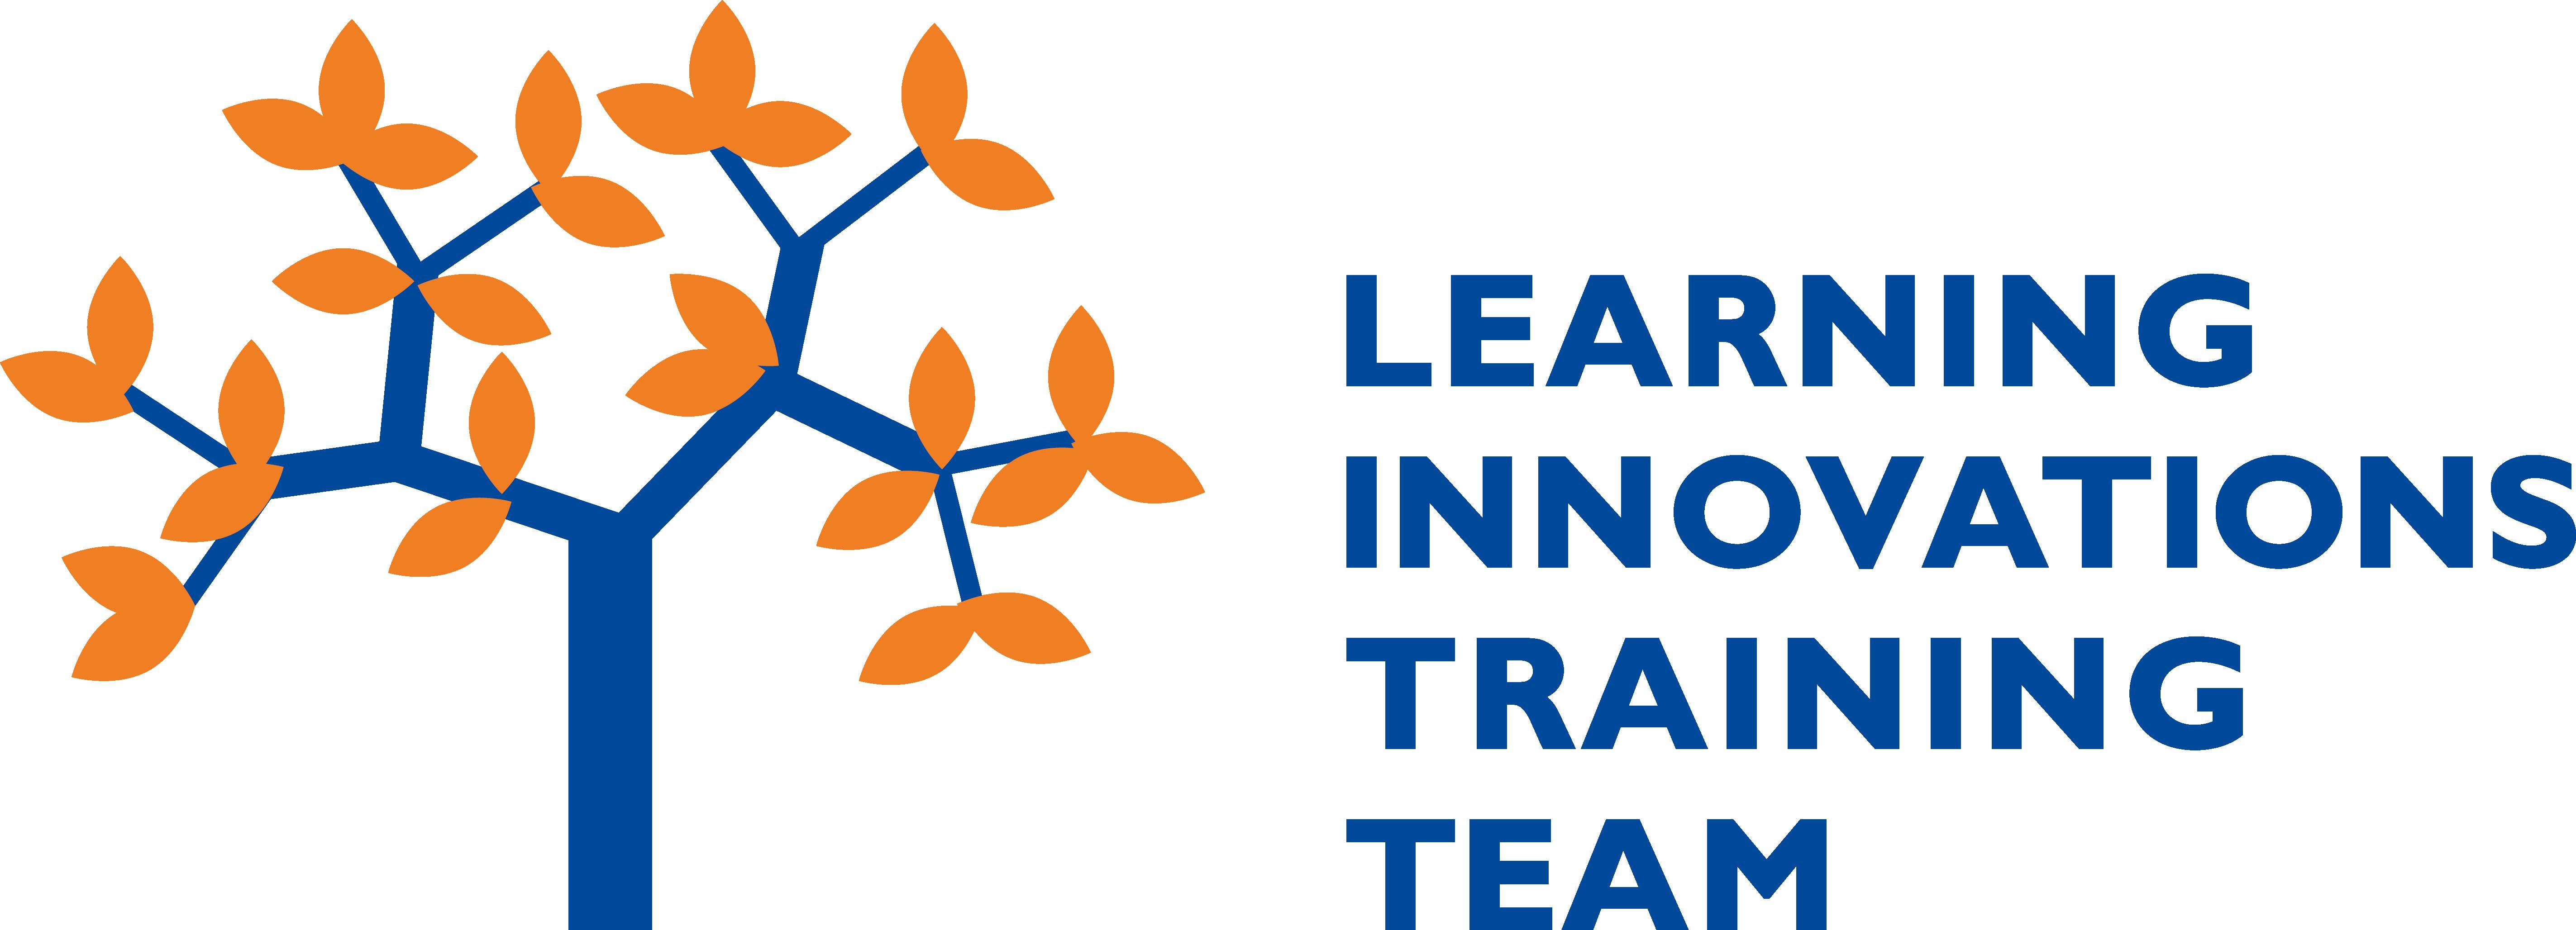 Learning Innovations Training Team Ltd logo